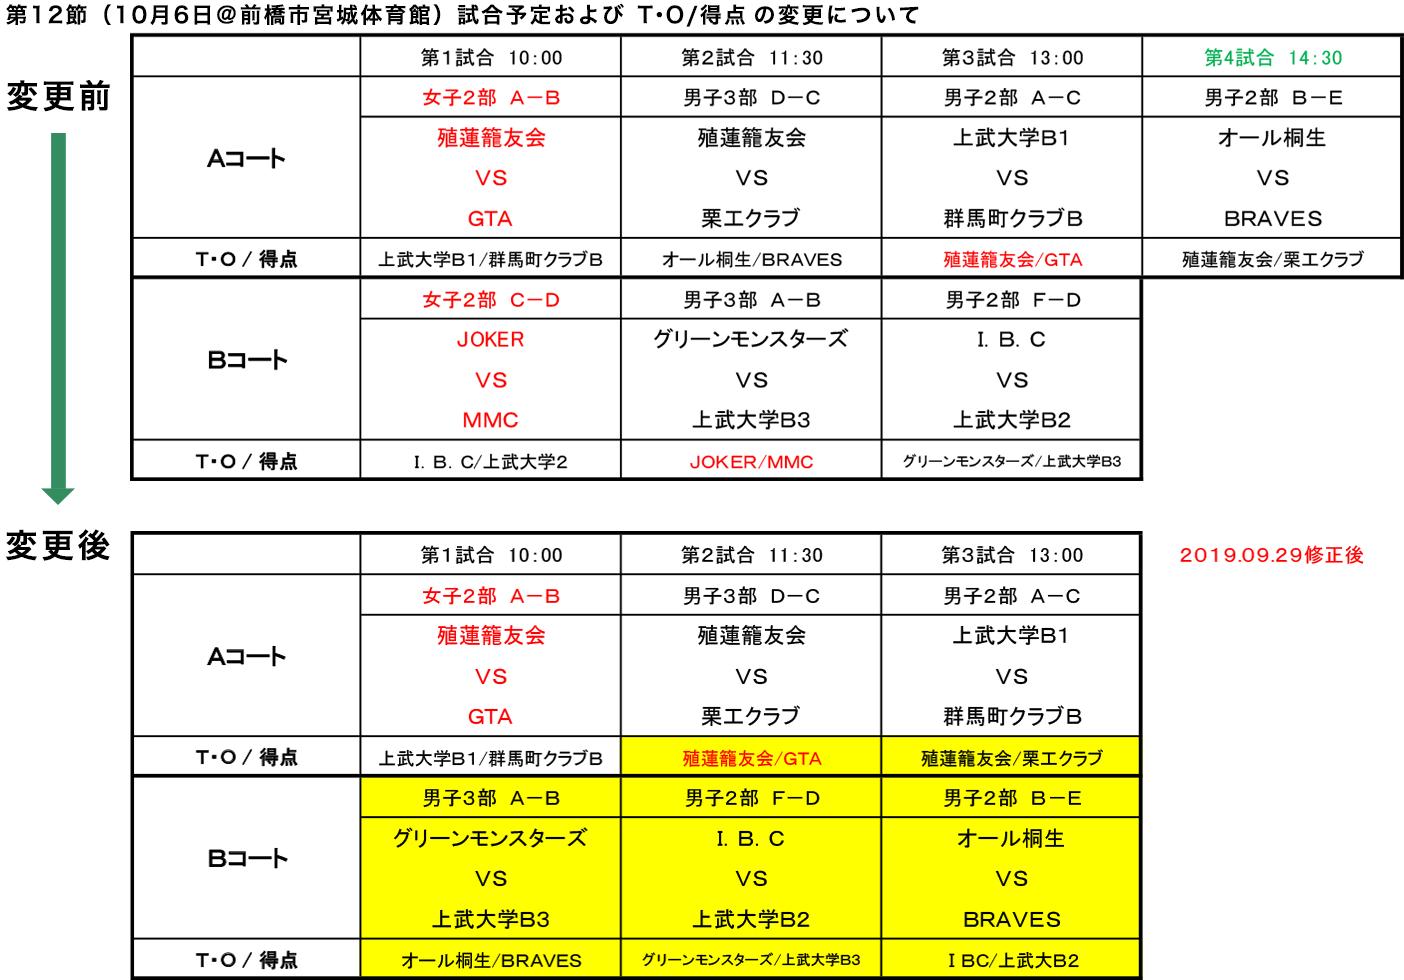 2019年度 社会人リーグ 第12節(10月6日) 変更点